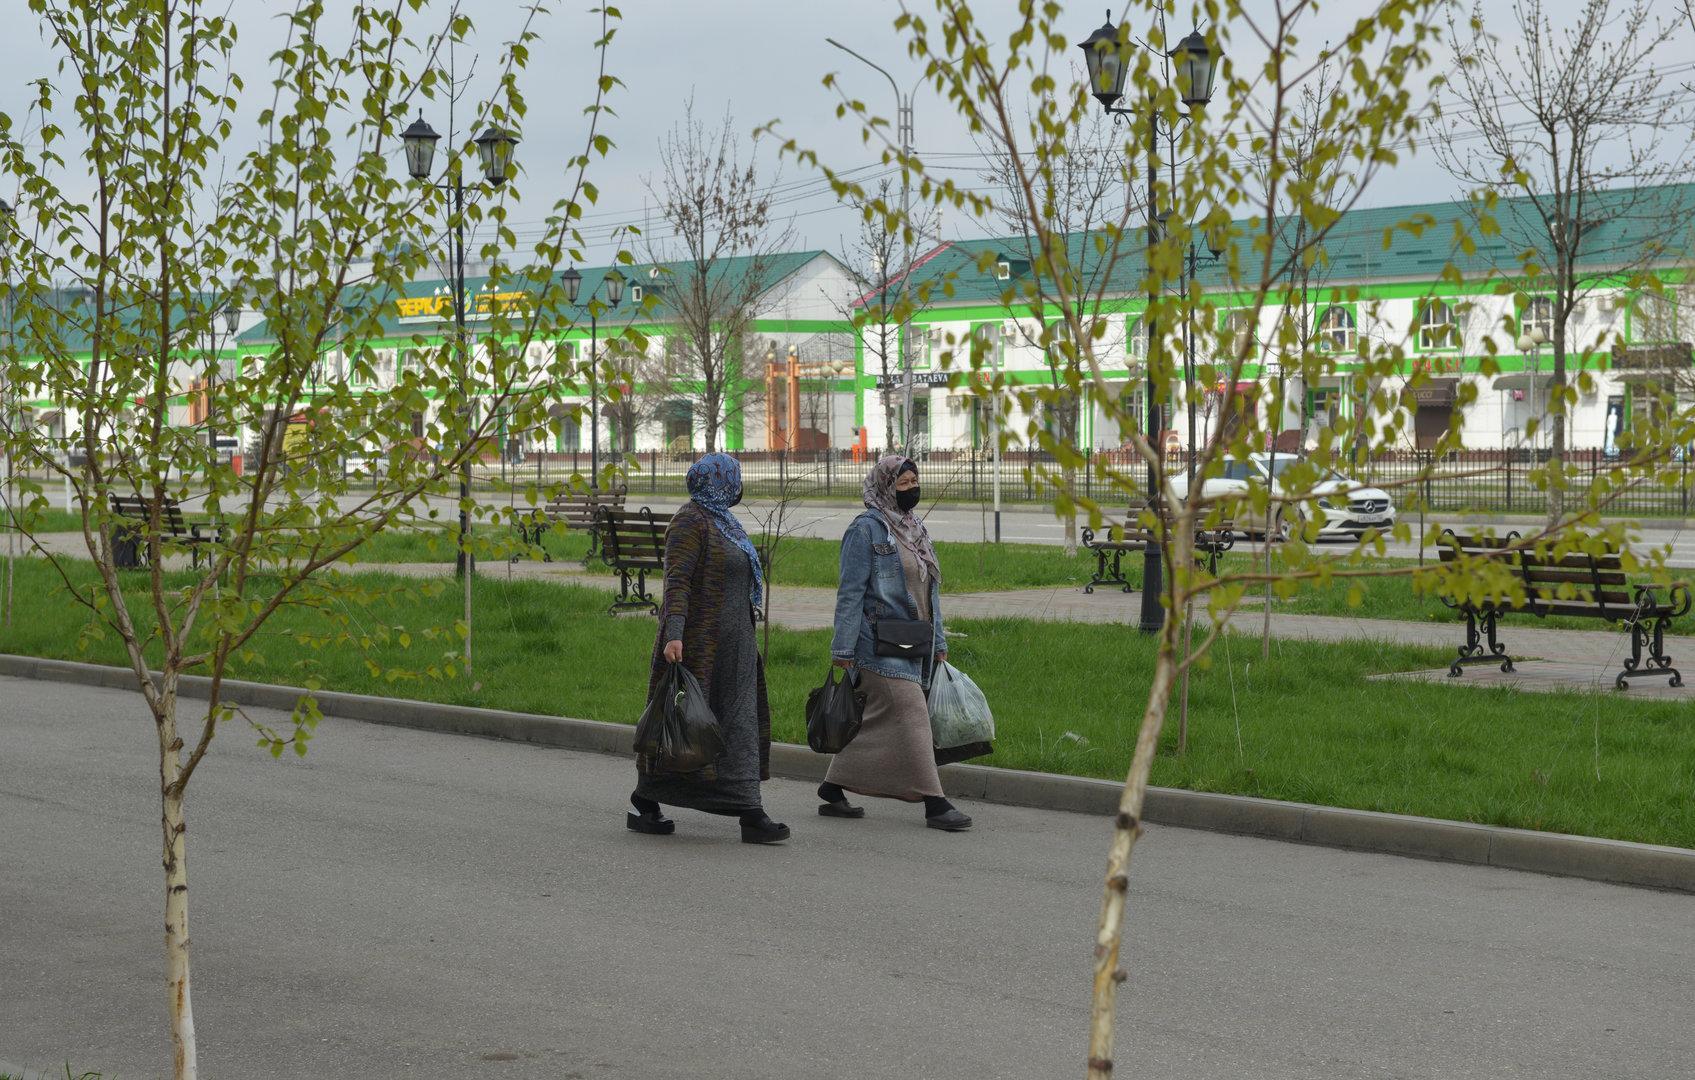 Arbeitsmarkt-Studie: Tschetschenen am schlechtesten integriert